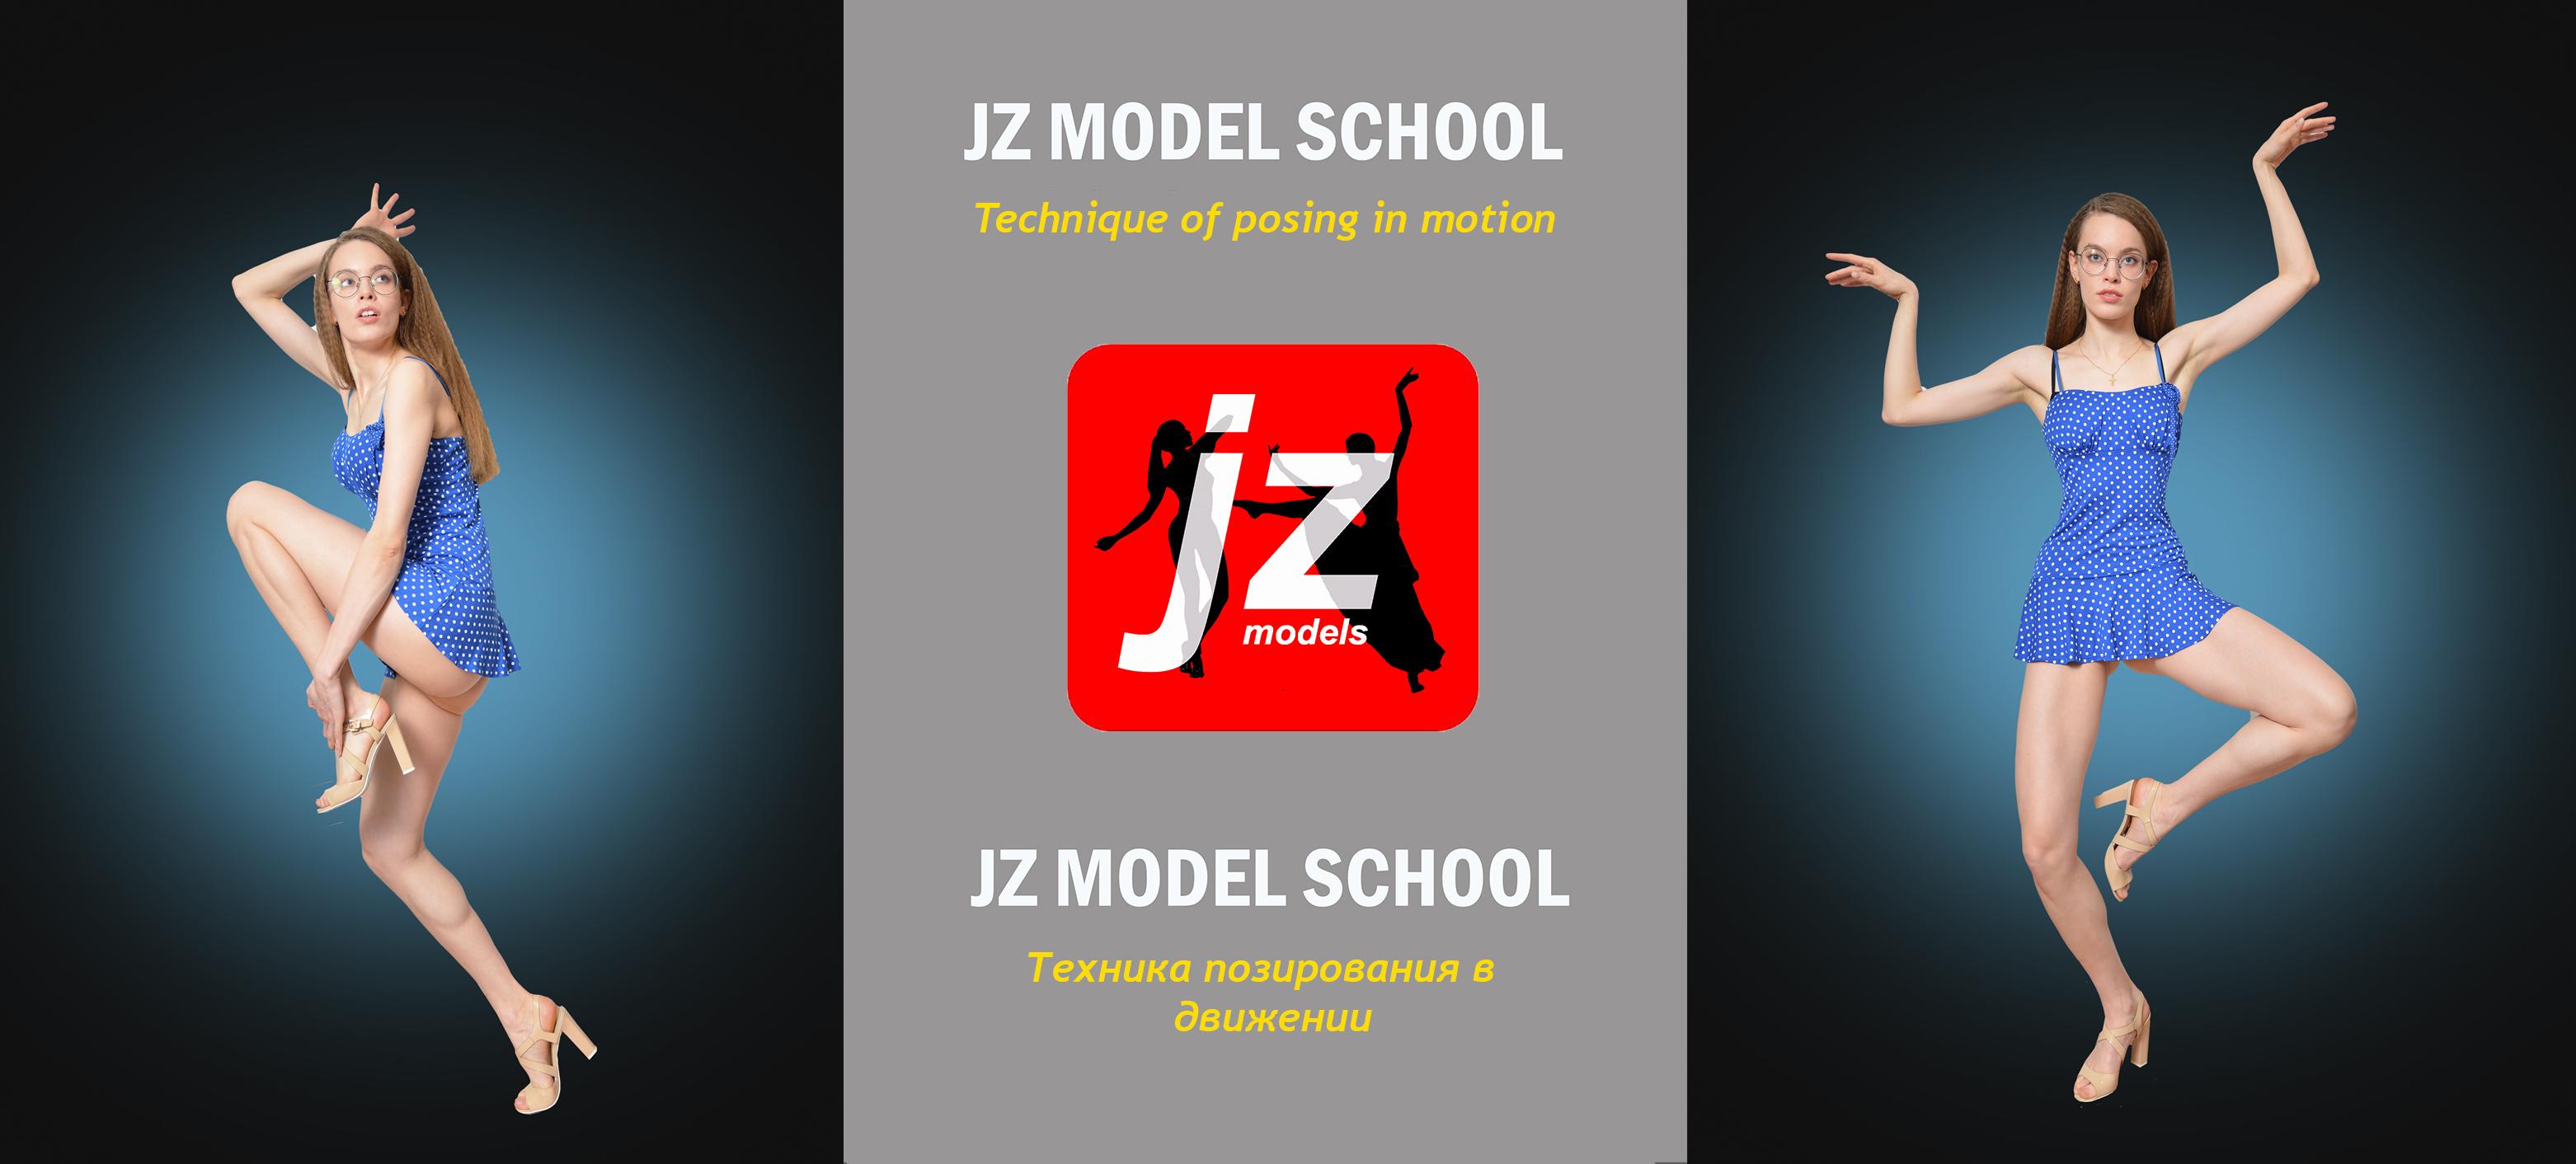 Technique of posing in motionТехника позирования в движении